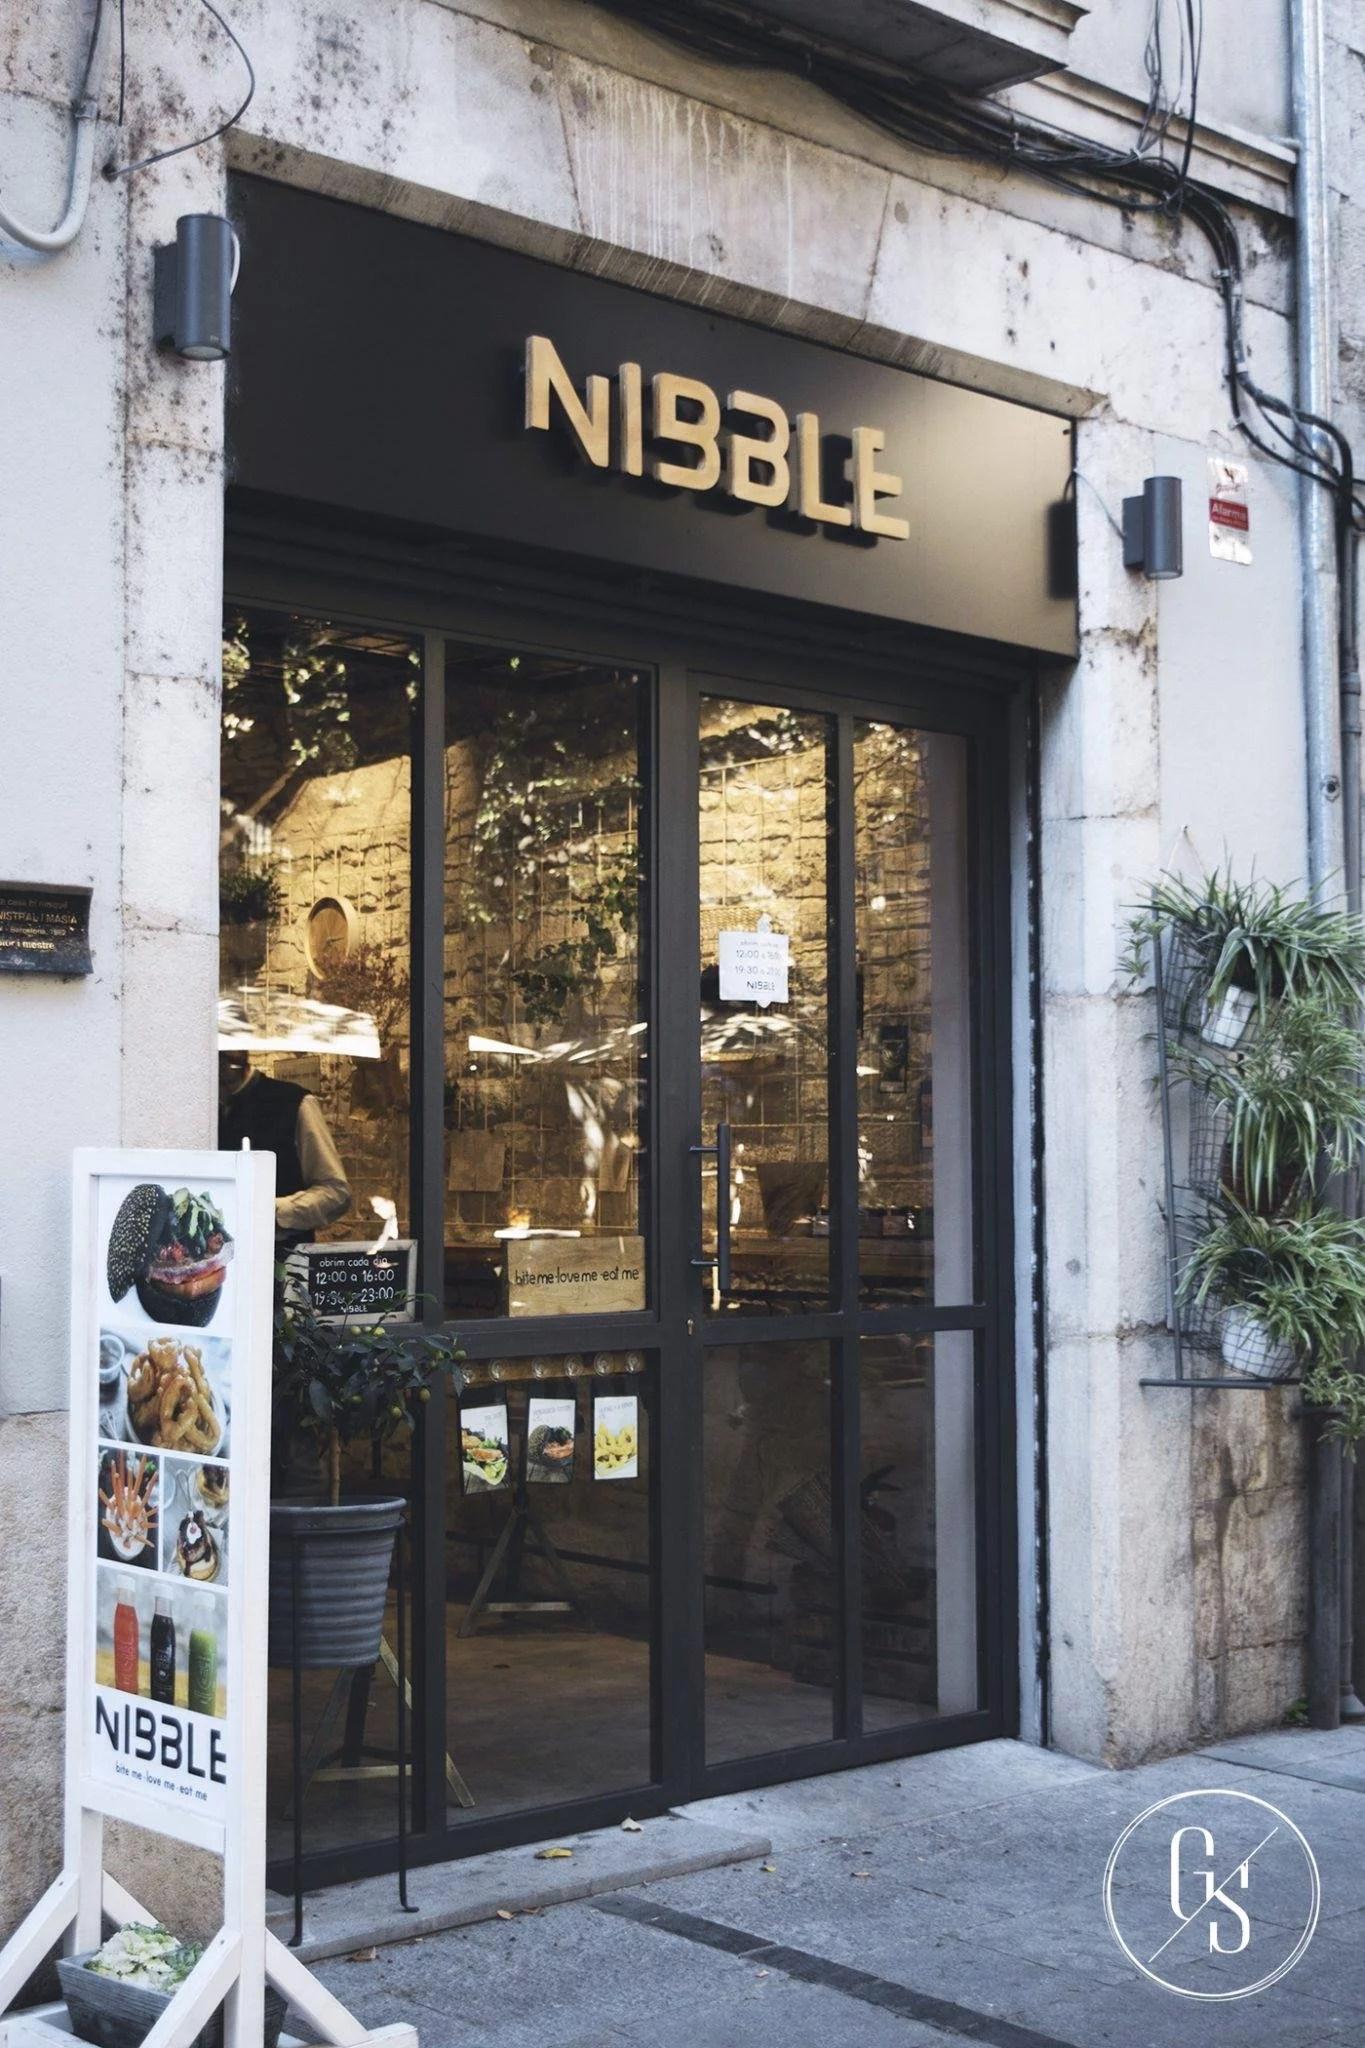 Nibble Girona